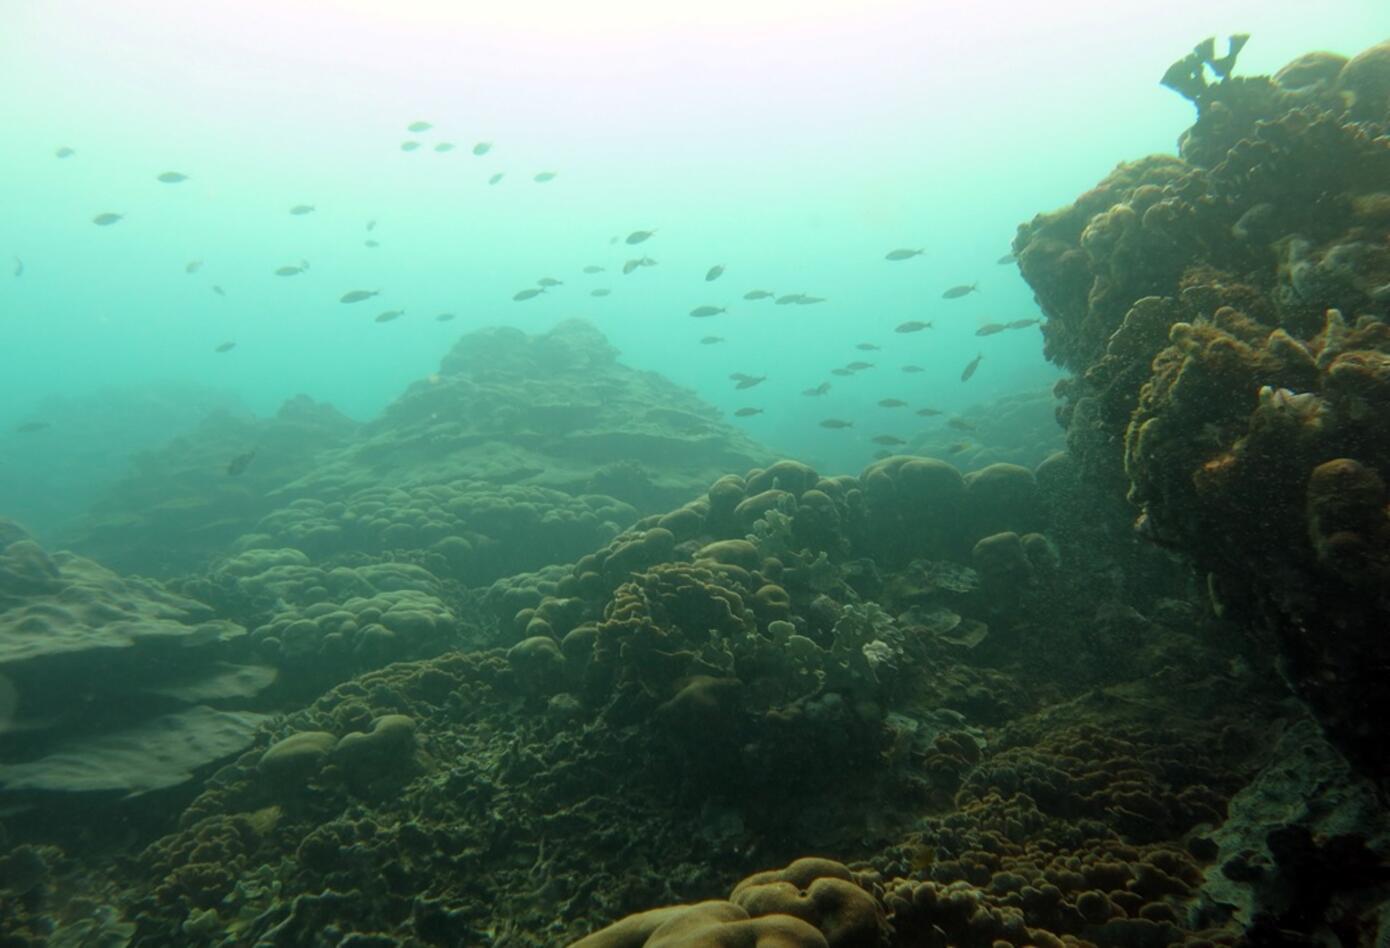 Arrecife de coral en el caribe colombiano